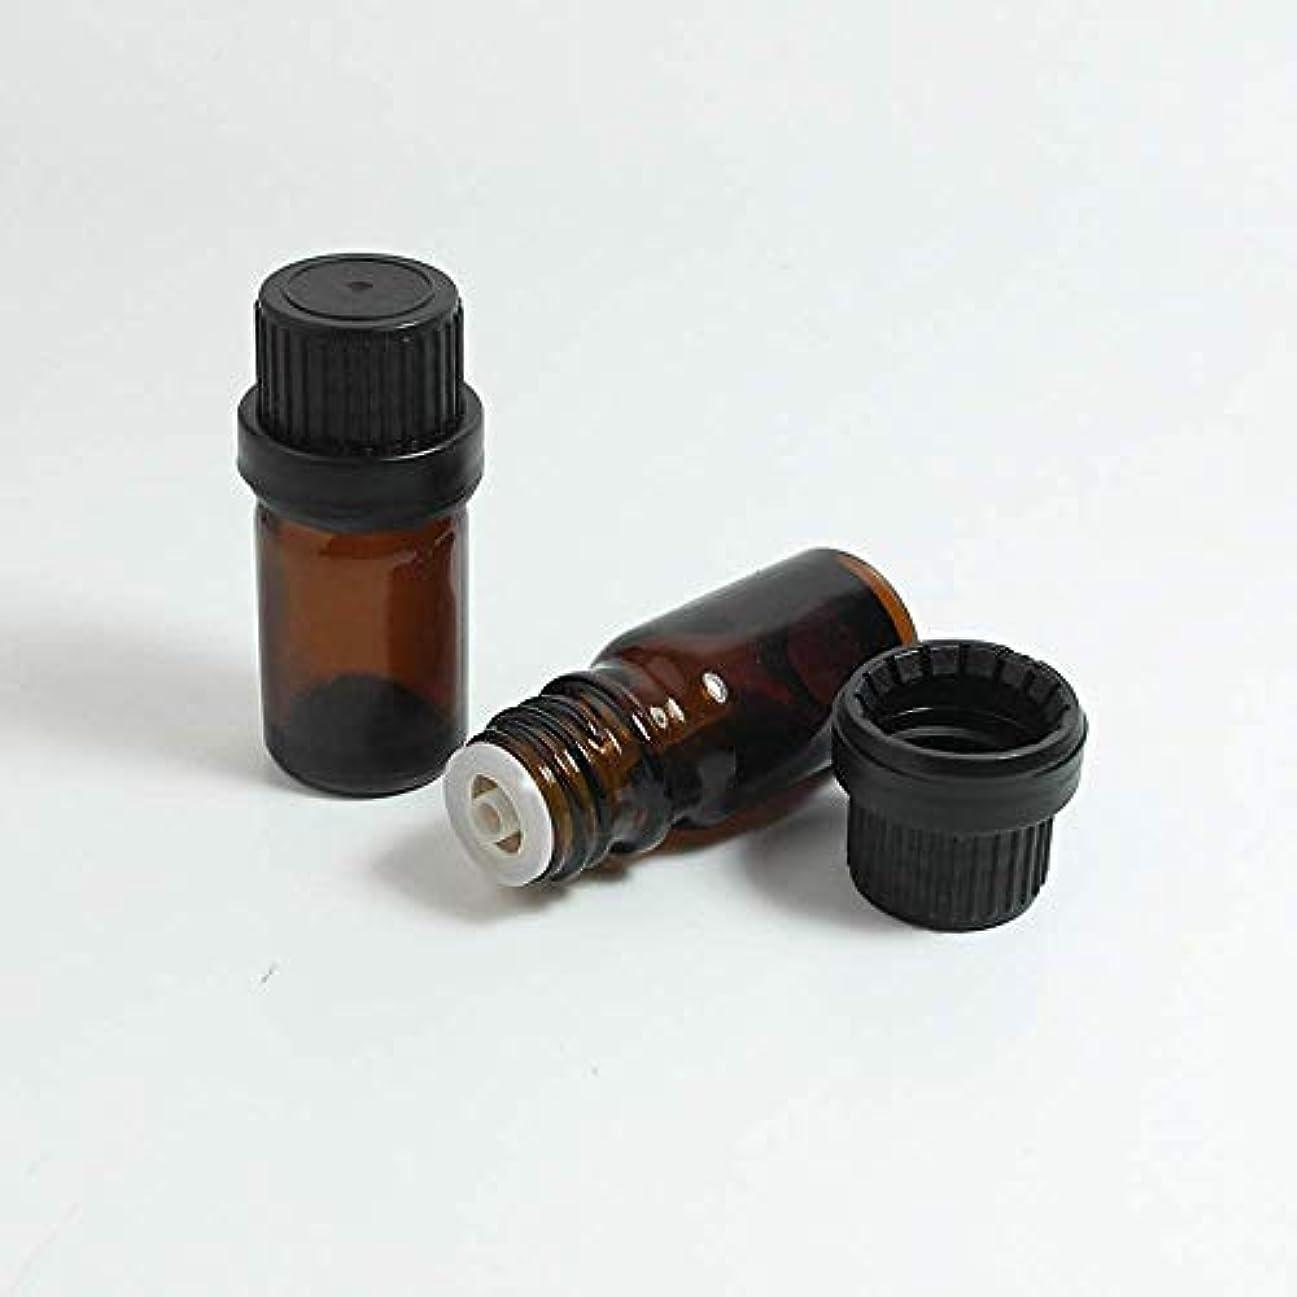 肌寒い緑制裁Simg アロマオイル 精油 遮光瓶 セット ガラス製 エッセンシャルオイル 保存用 保存容器詰め替え 茶色 10ml 5本セット